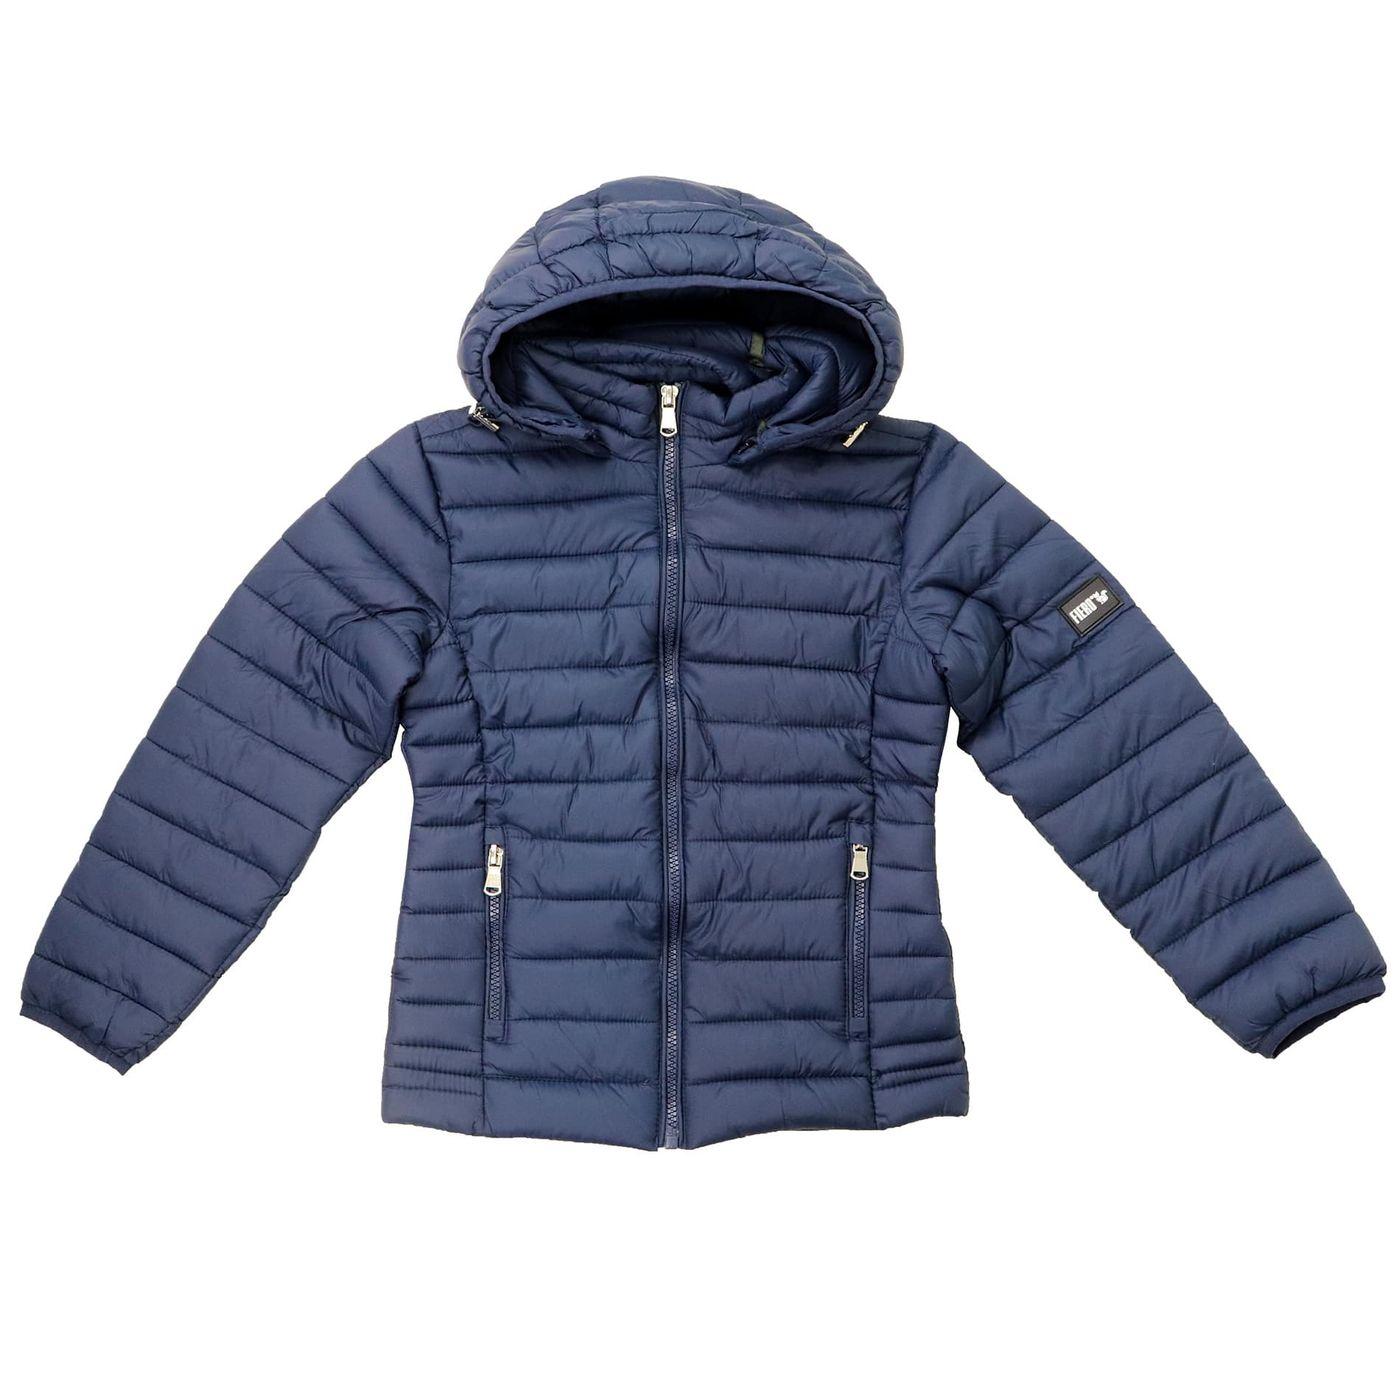 Jaqueta Infatil Glacial para o inverno e frio intenso - fieroshop ad3b8df4b72cb